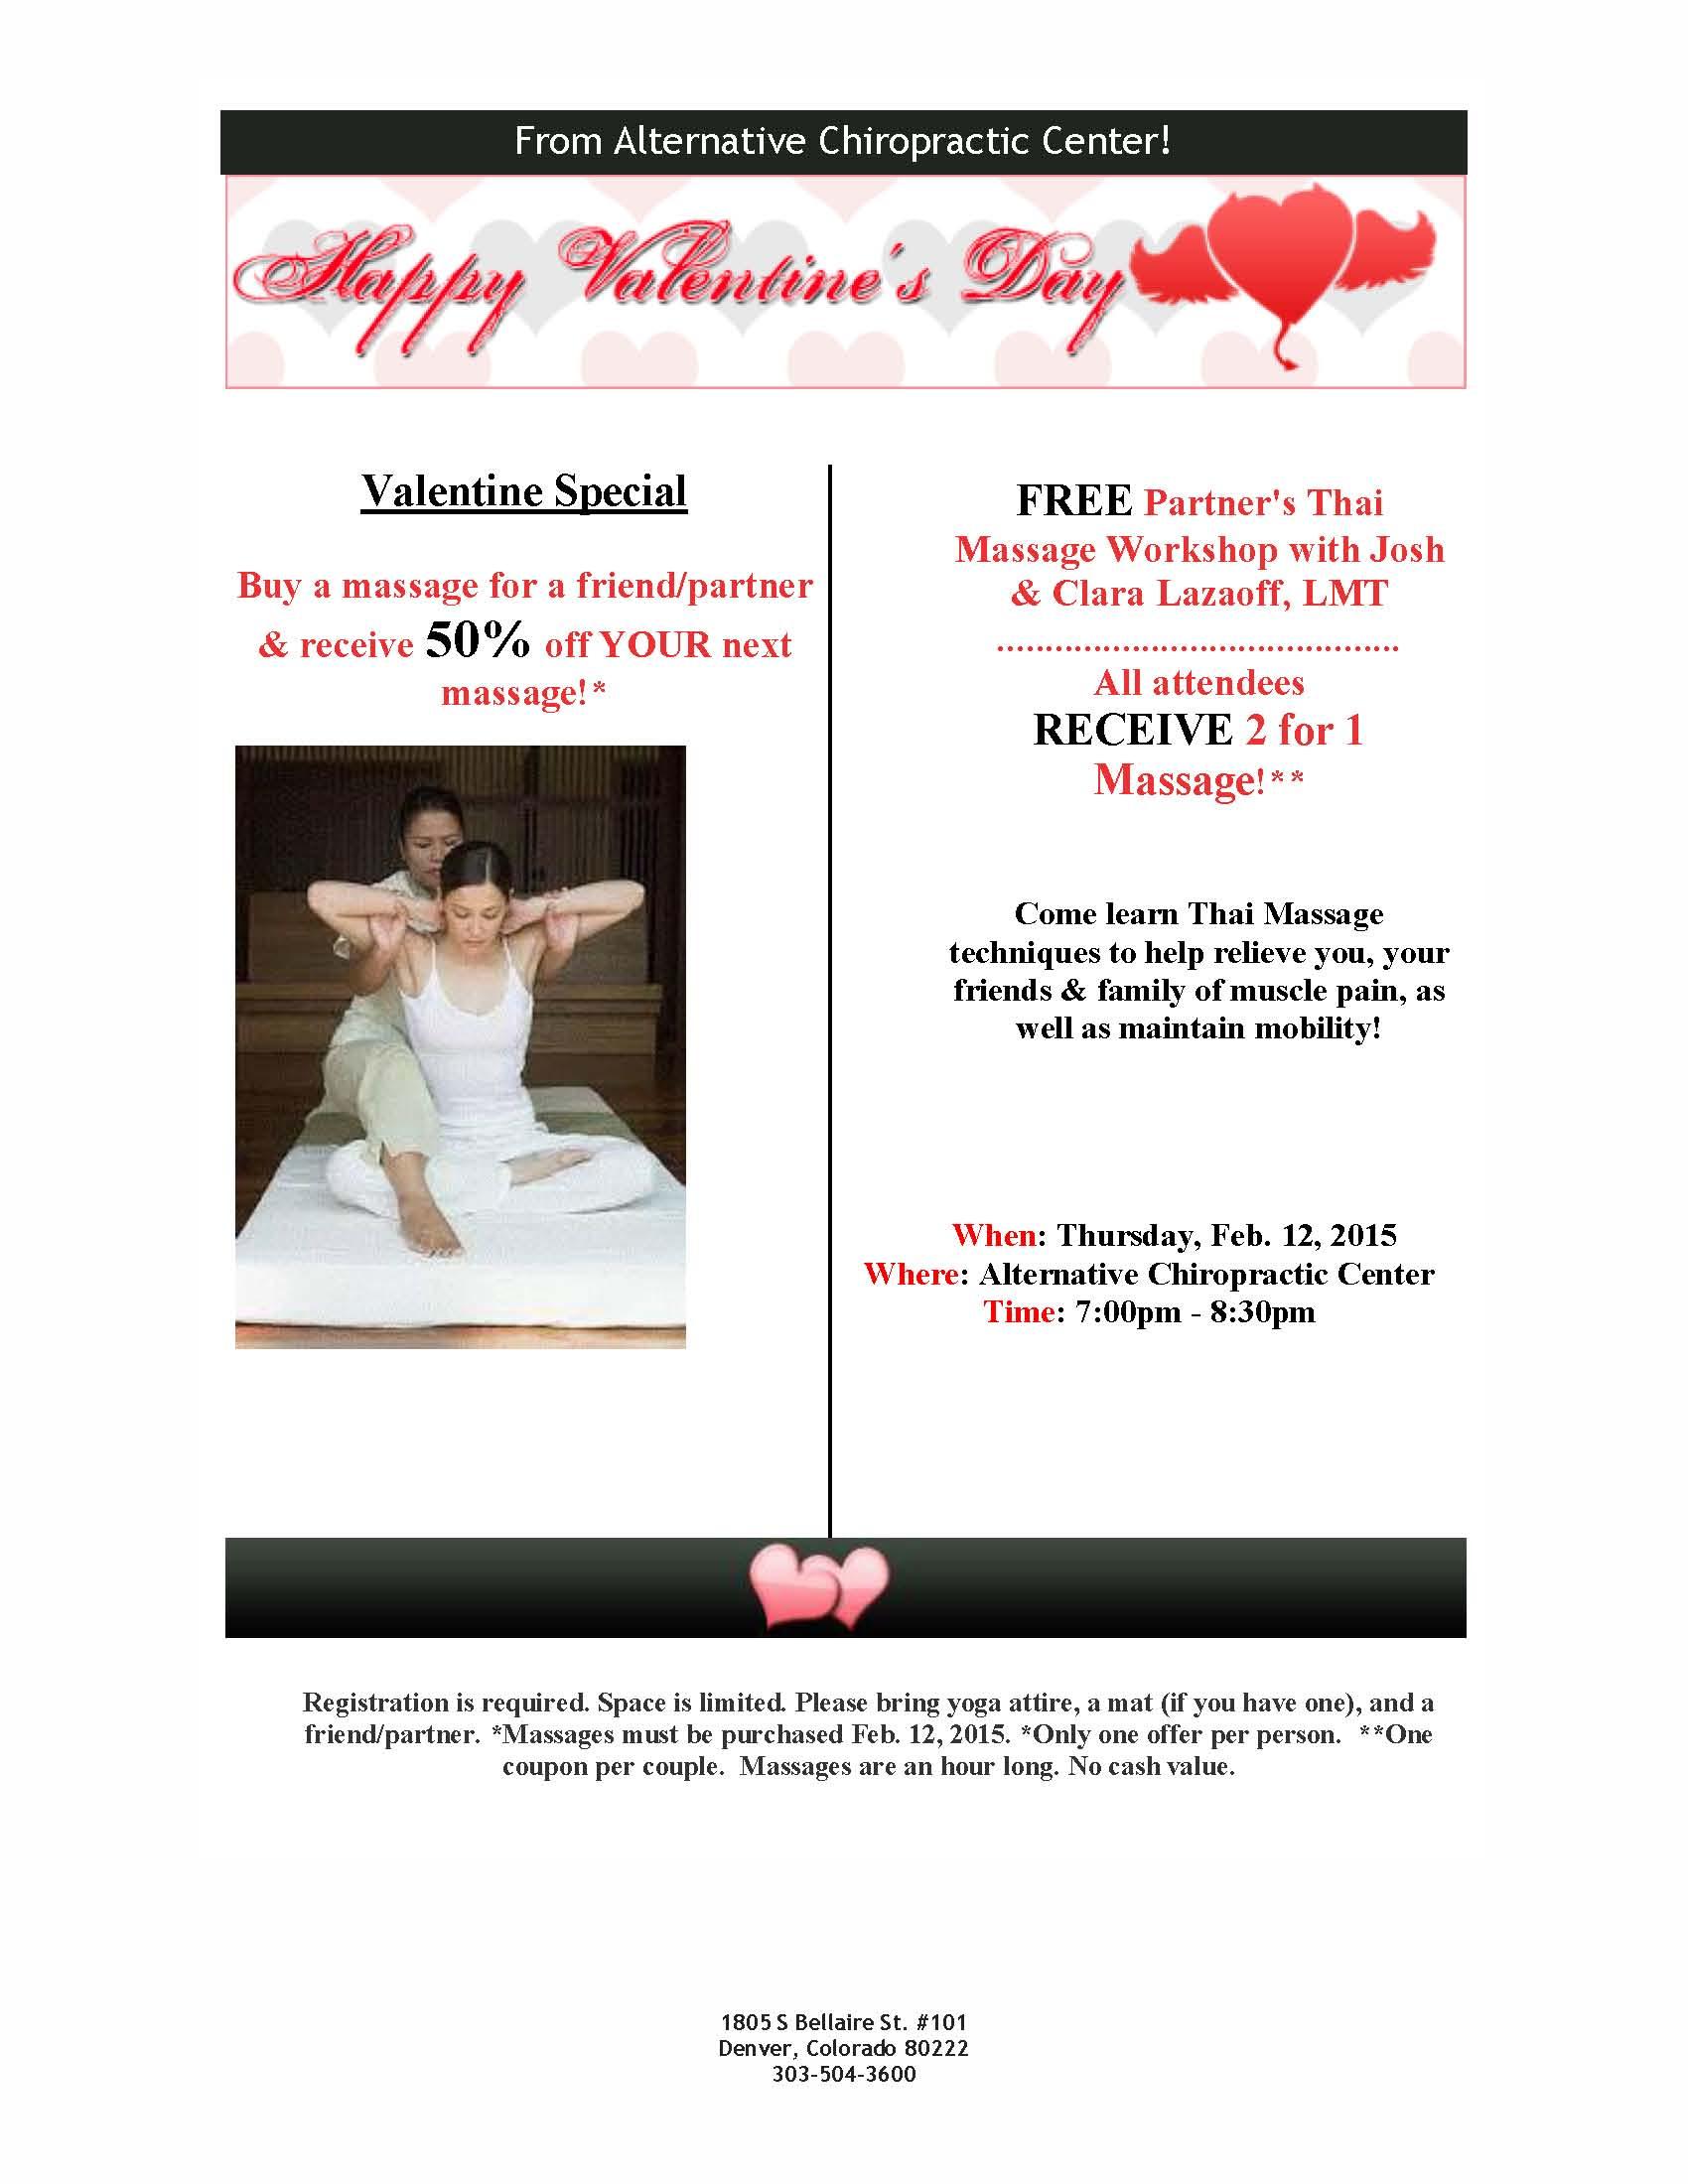 Valentine Massage Special Alternative Chiropractic Center-6472